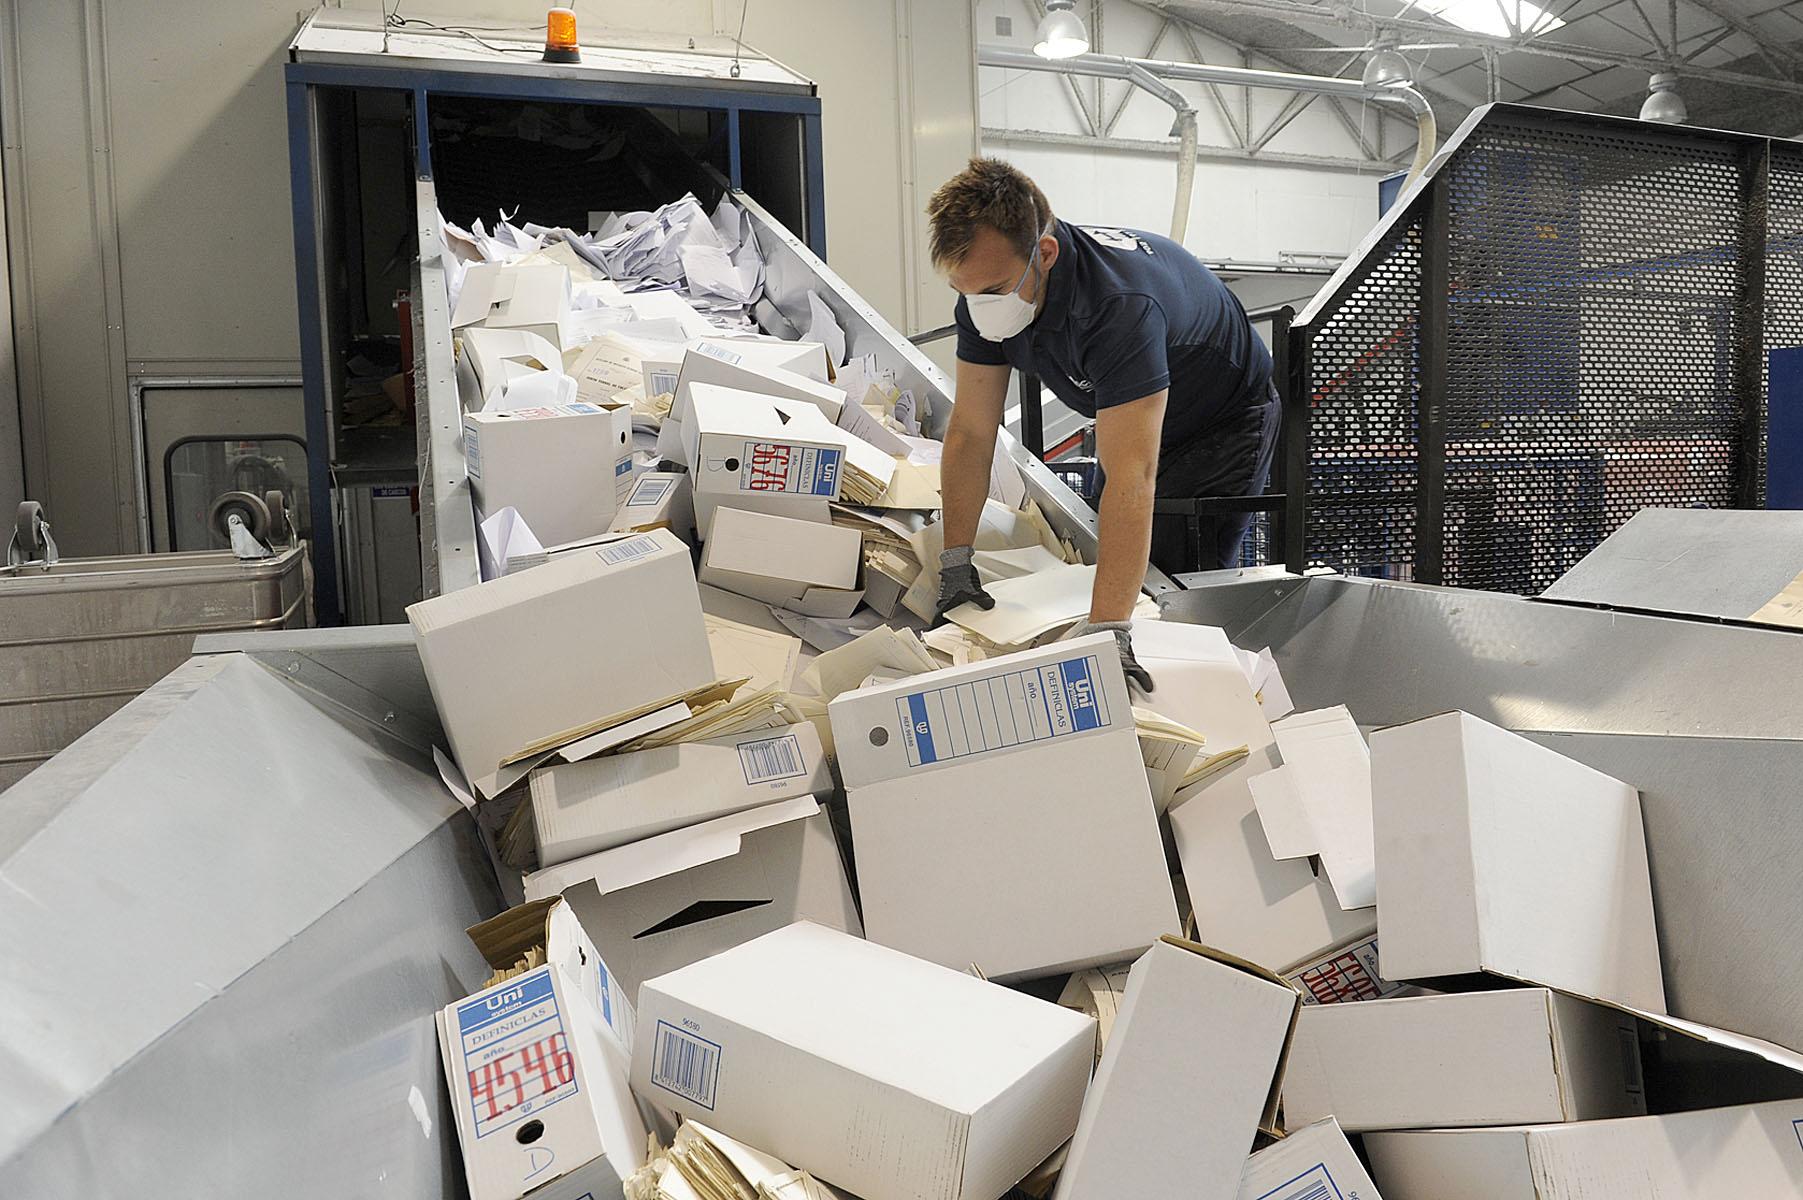 Los documentos deben ser destruidos por empresas especializadas